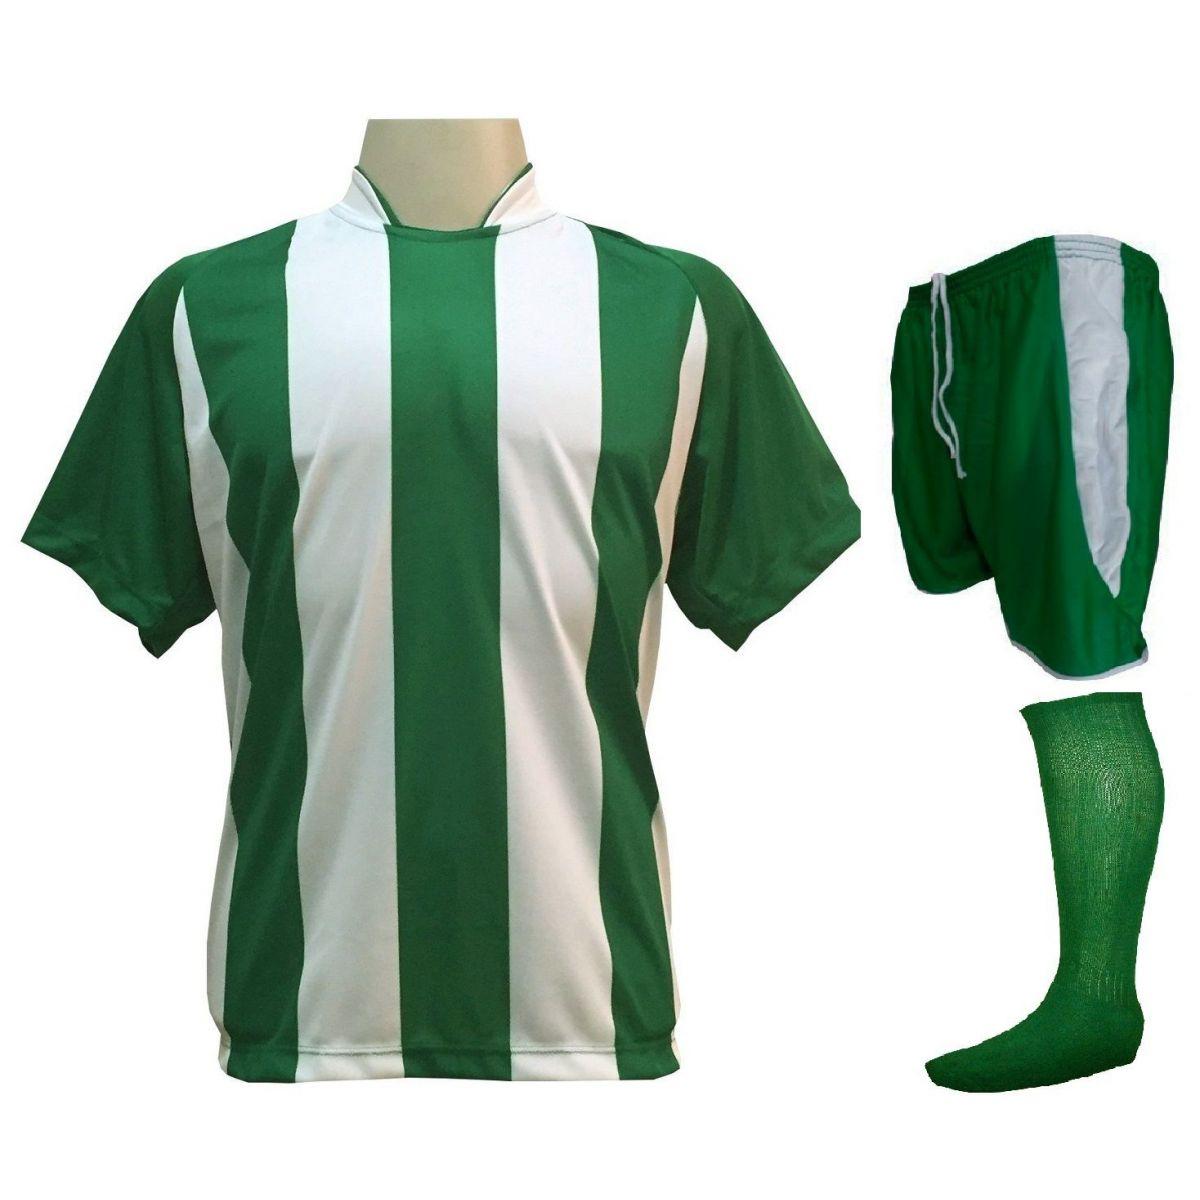 Fardamento Completo Modelo Milan 12+1 (12 Camisas Verde/Branco + 12 Calções Verde/Branco + 12 Pares de Meiões Verdes + 1 Conjunto de Goleiro) + Brindes